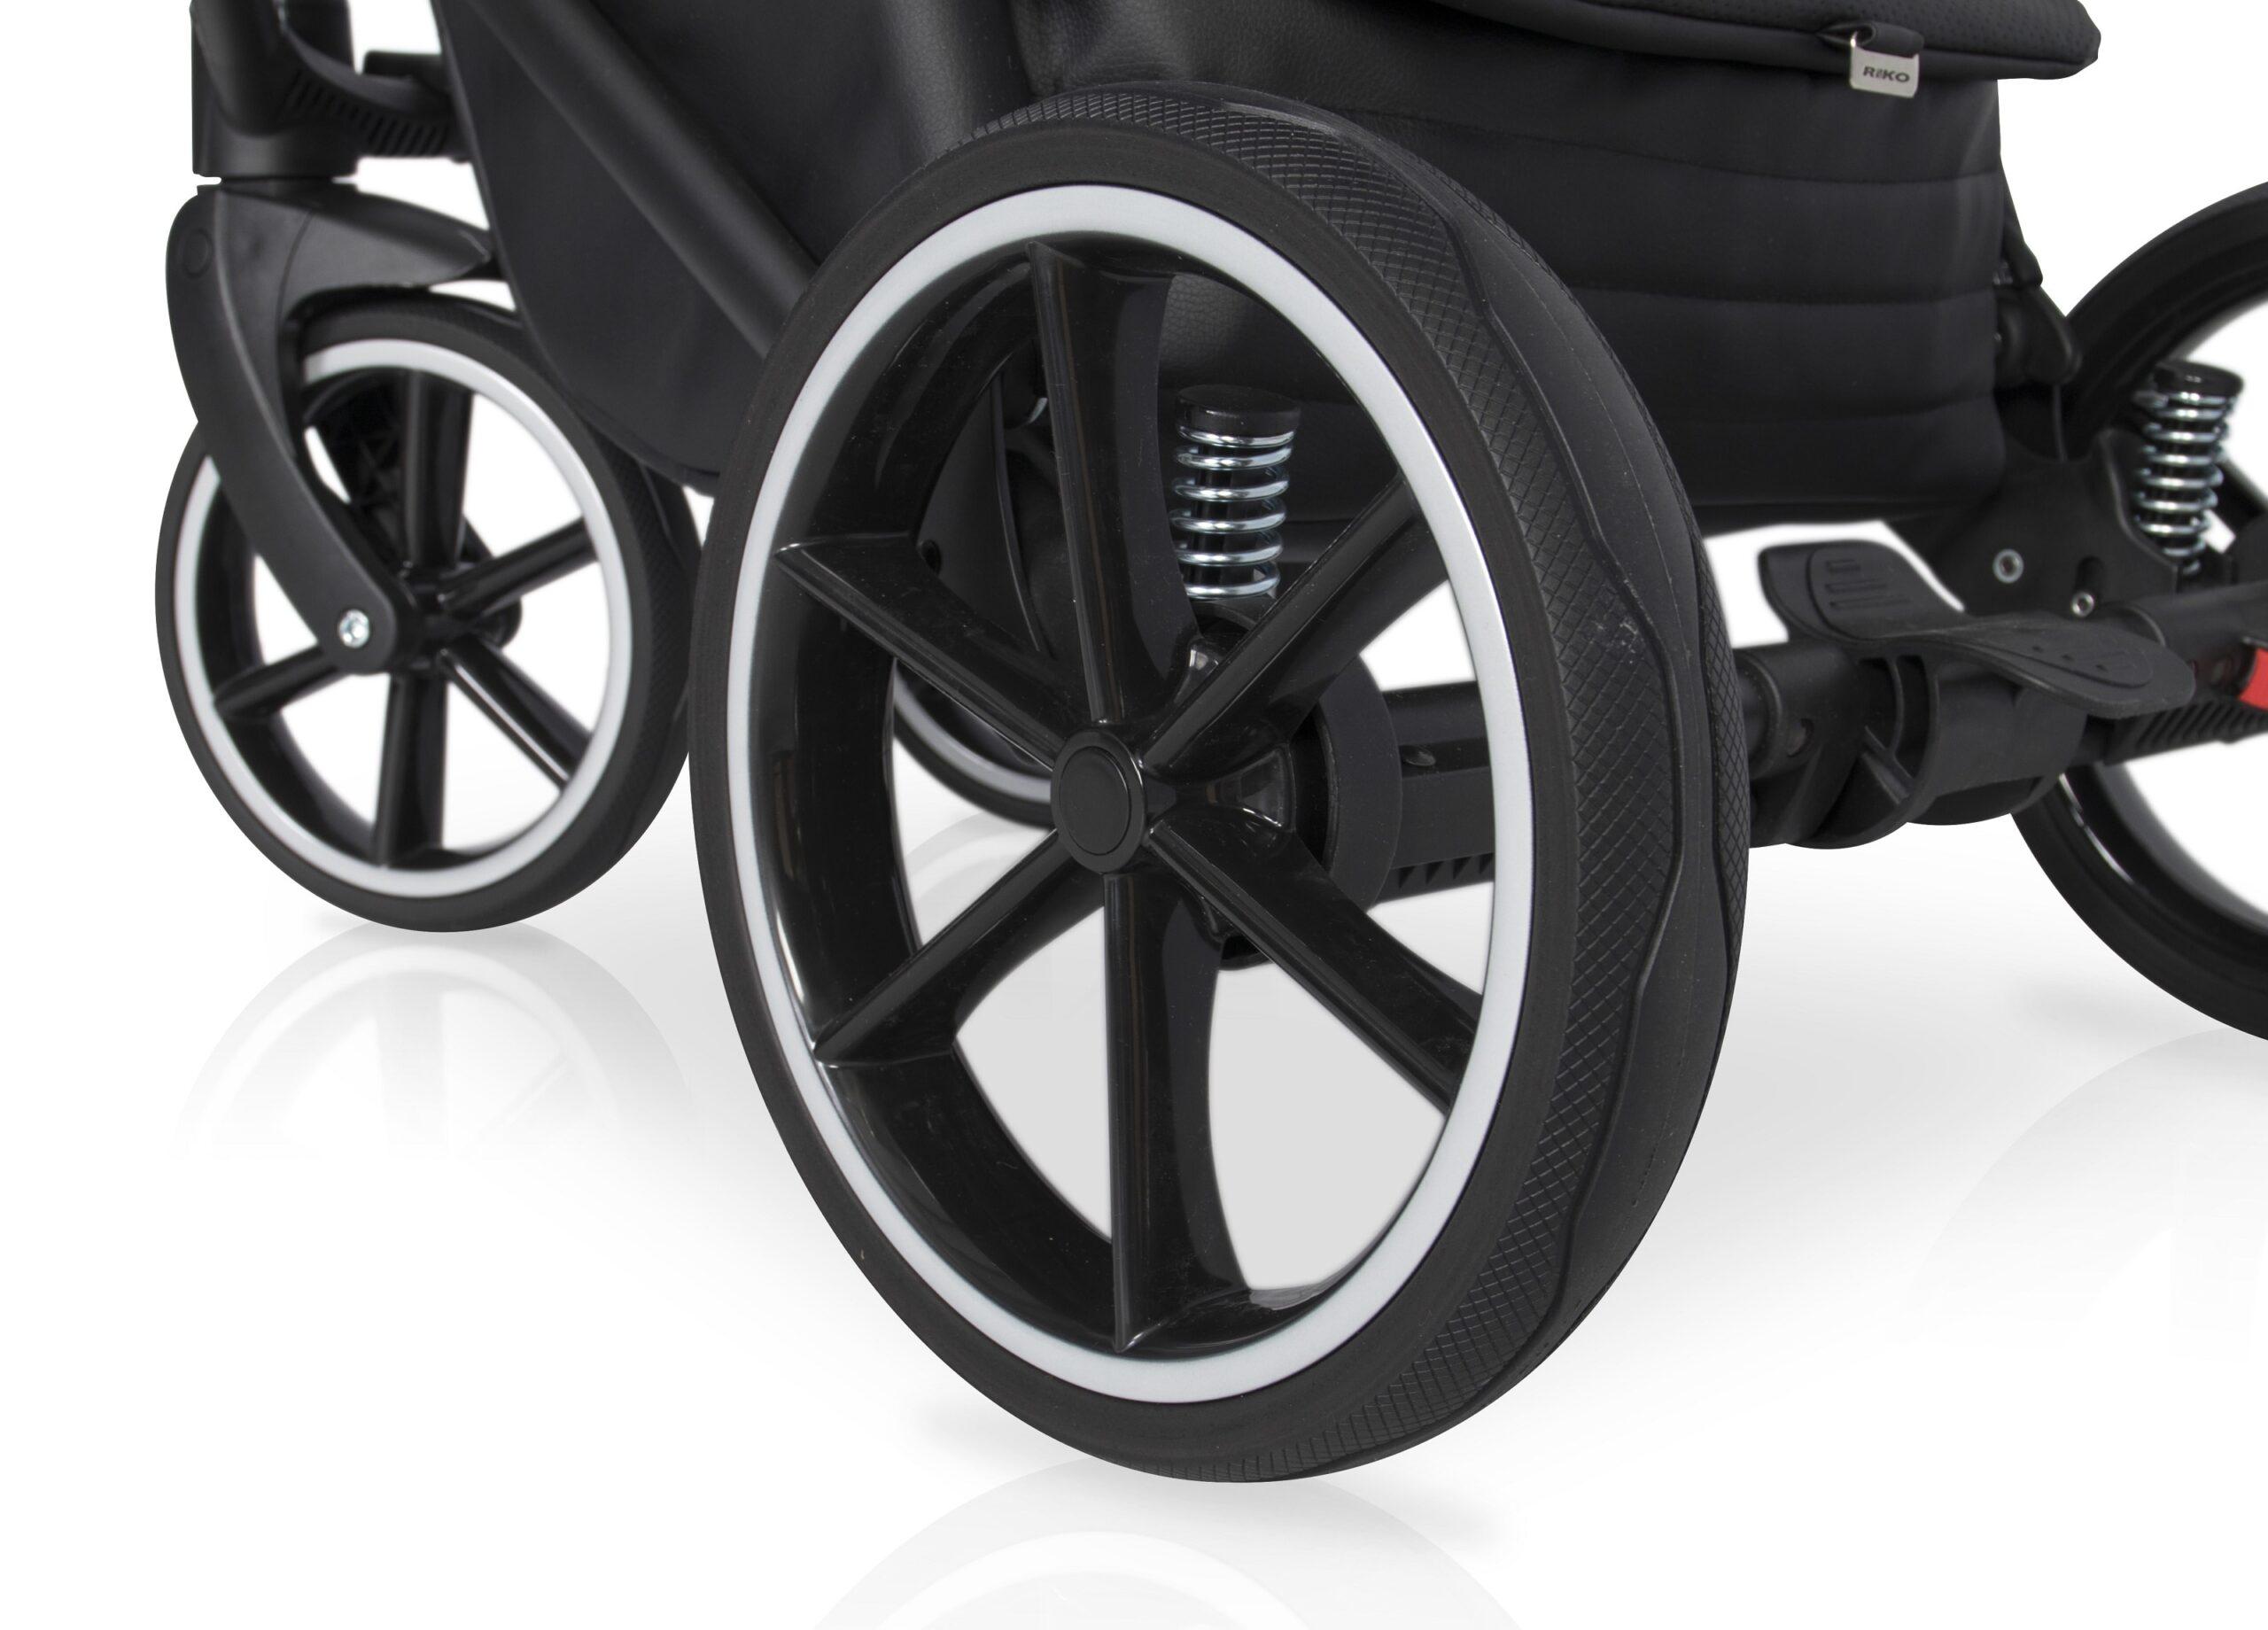 Große Reifen Kinderwagen side: PRAKTISCH: Räder mit nur einem Klick vom Gestell abnehmbar